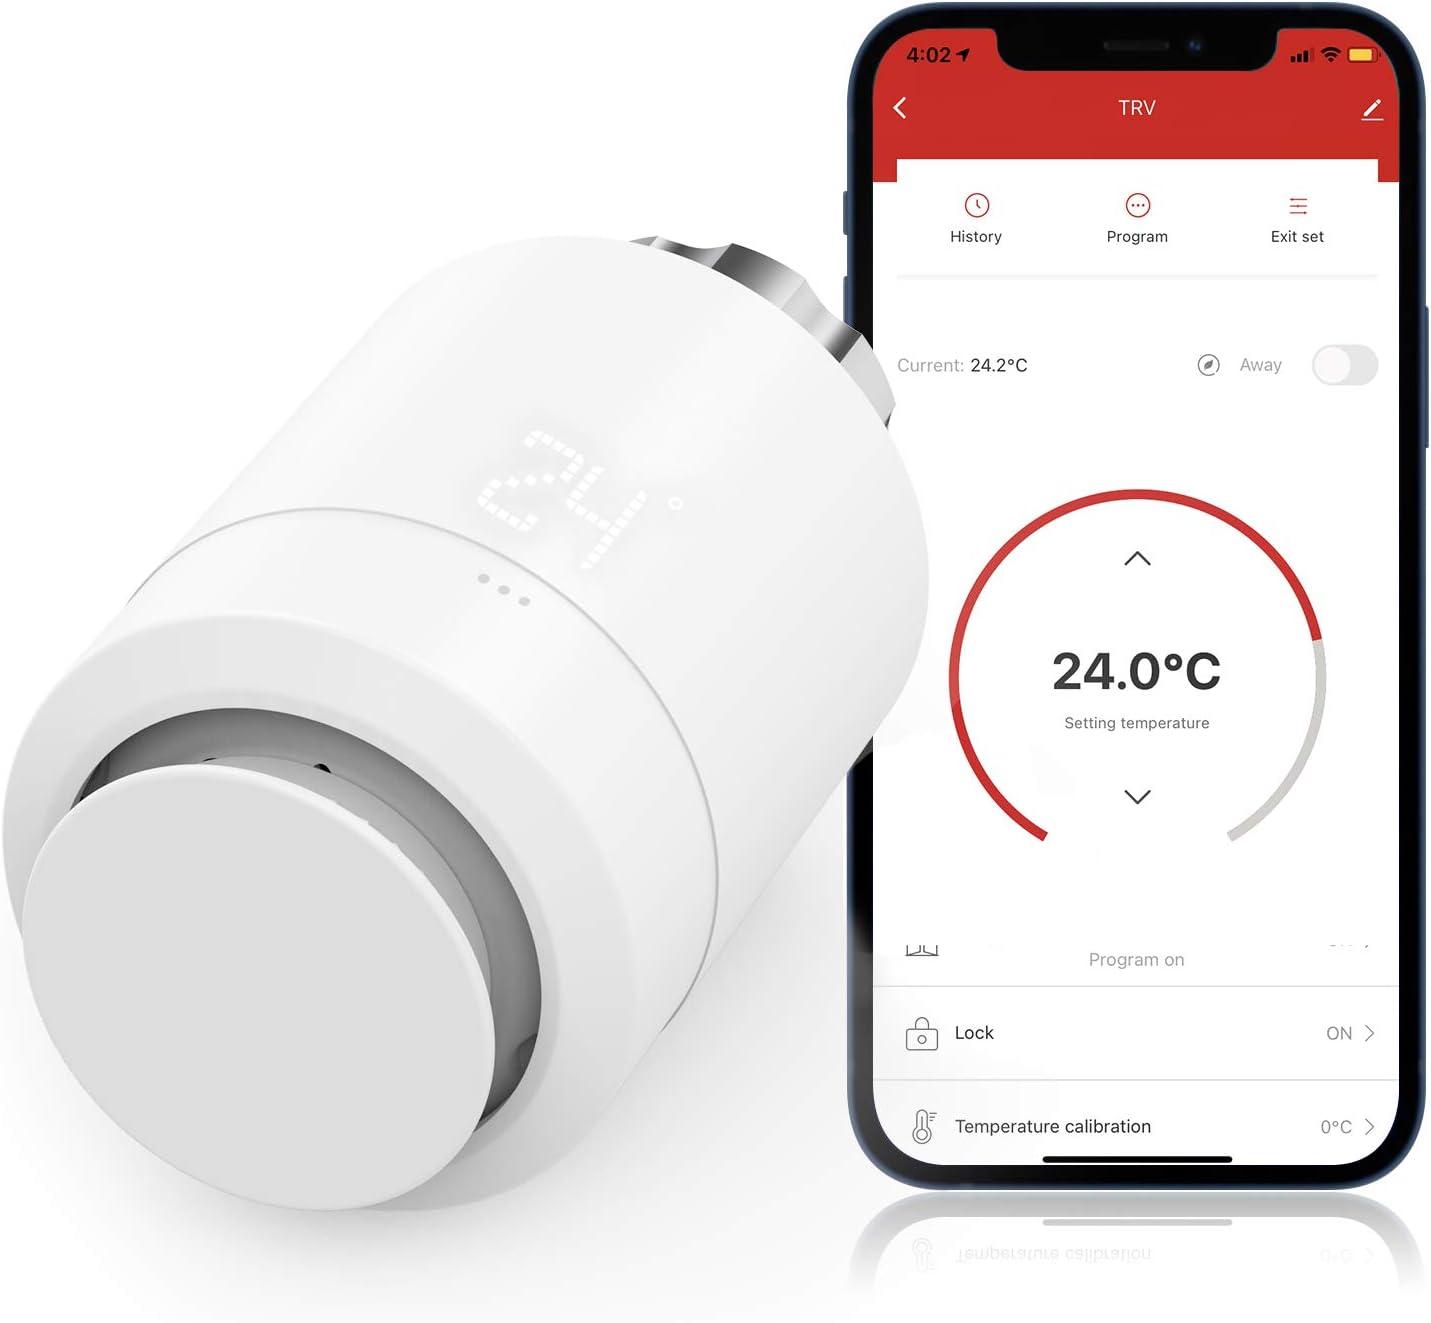 Válvula Termostática WiFi para Radiador, Maxcio Termostato de Calefacción Programable, Patalla LCD, M30*1,5, Función de Bloqueo para niños, Compatible con Alexa/Google Home